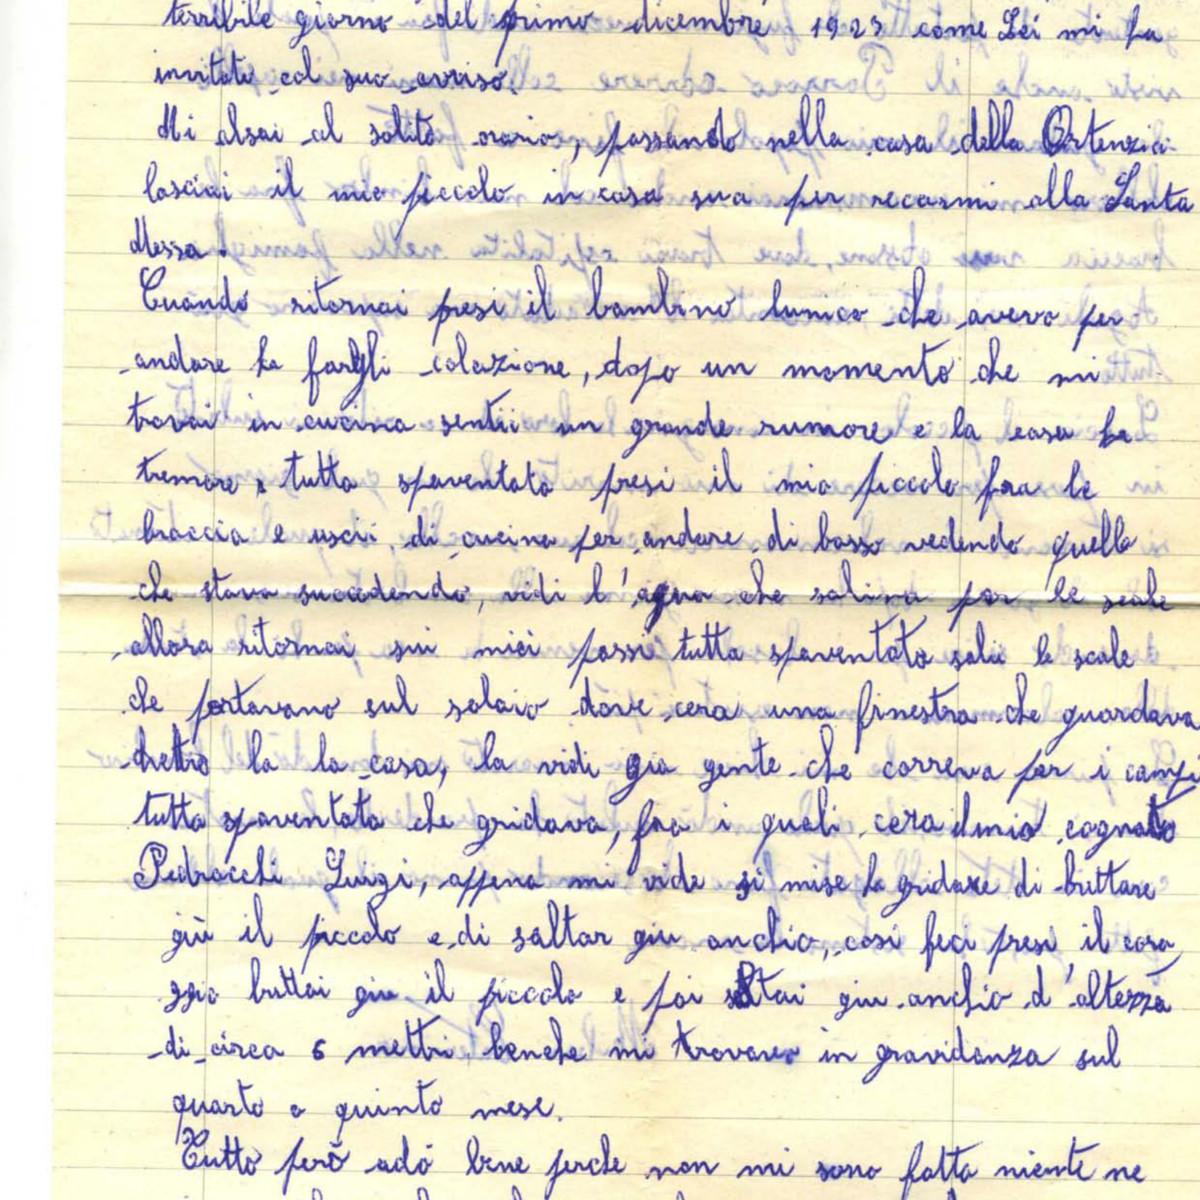 Lettera di Milesi Caterina vedova Pedrocchi_01